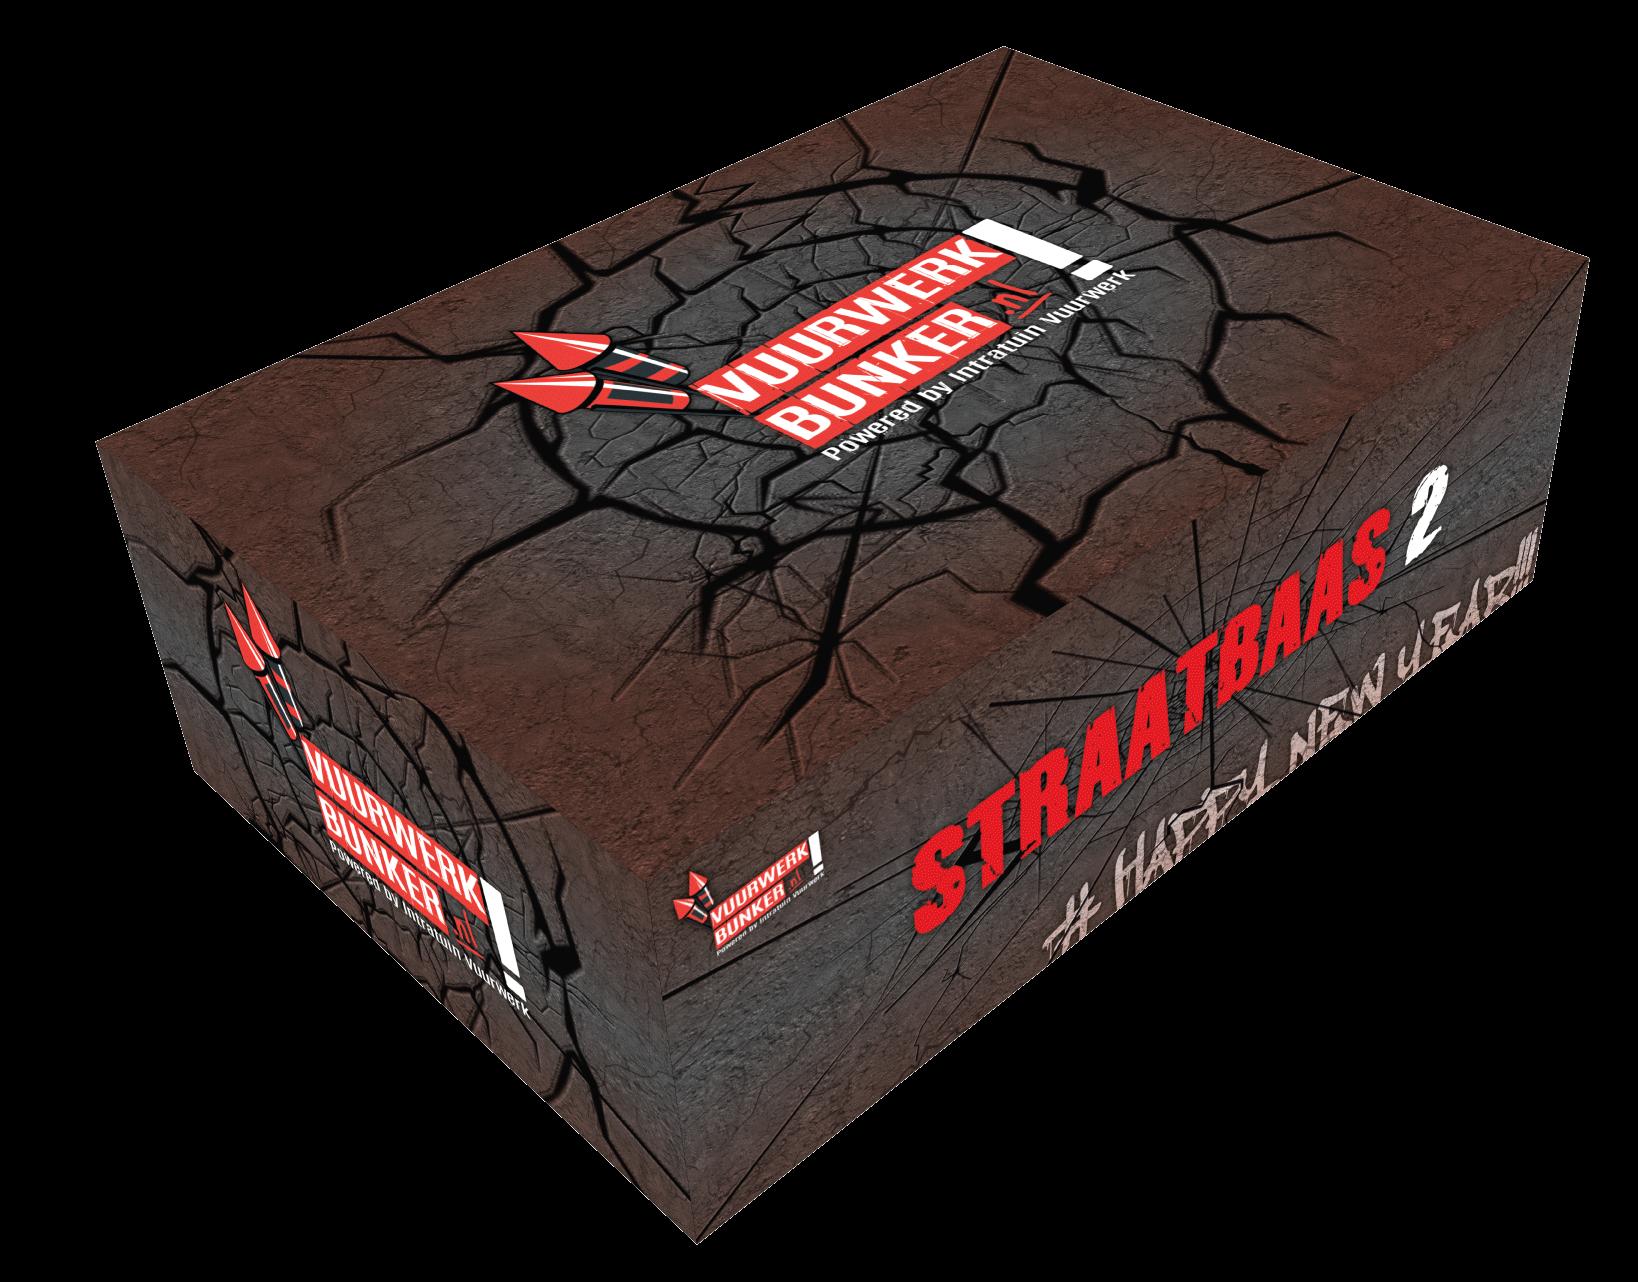 Straatbaas ii blinking box intratuin ijsselstein for Intratuin ijsselstein